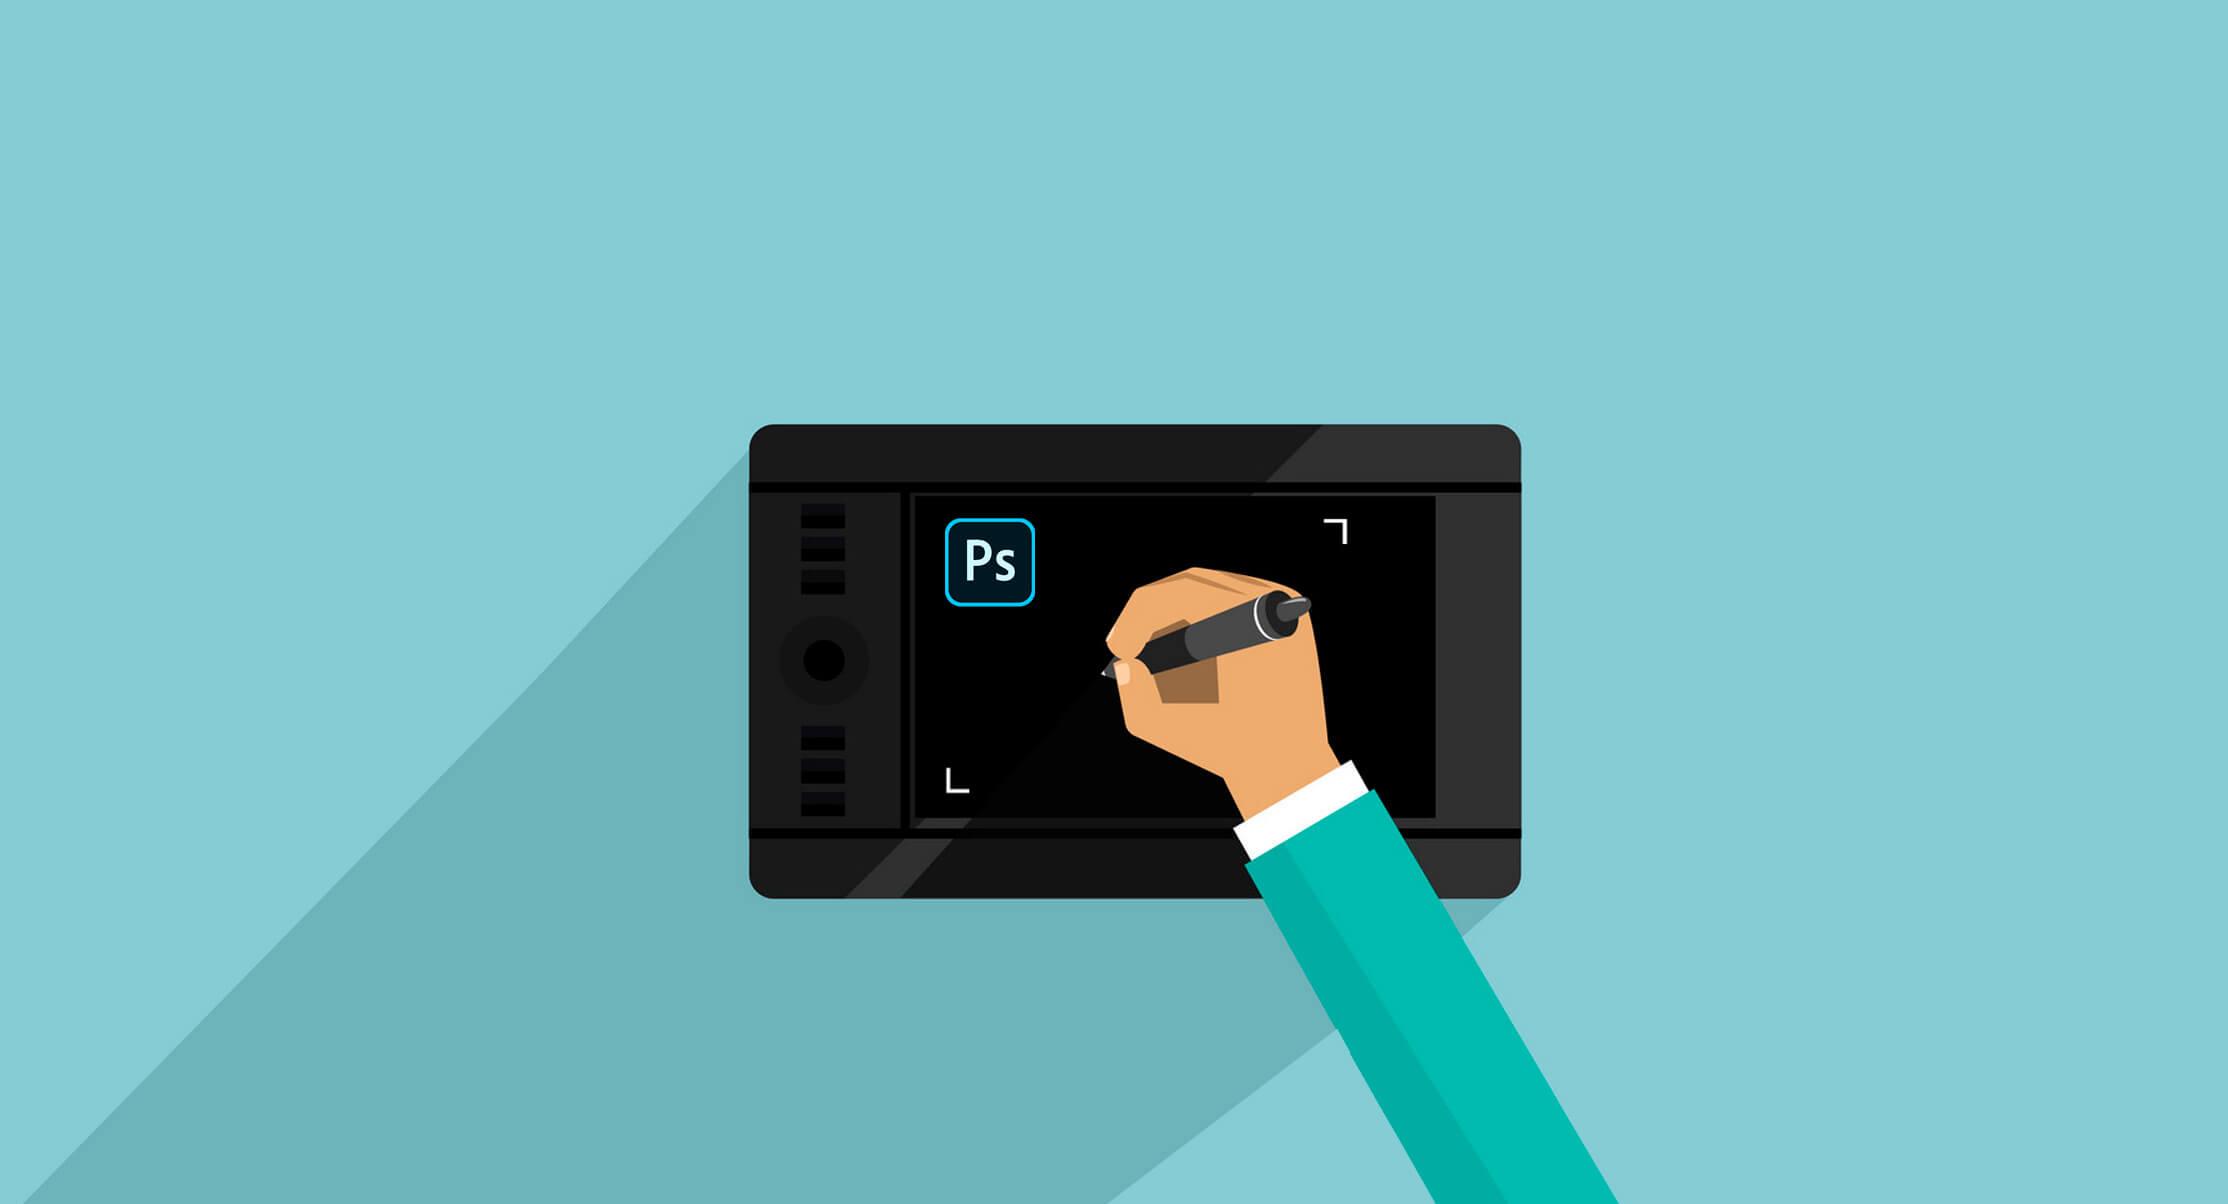 mejores tabletas photoshop